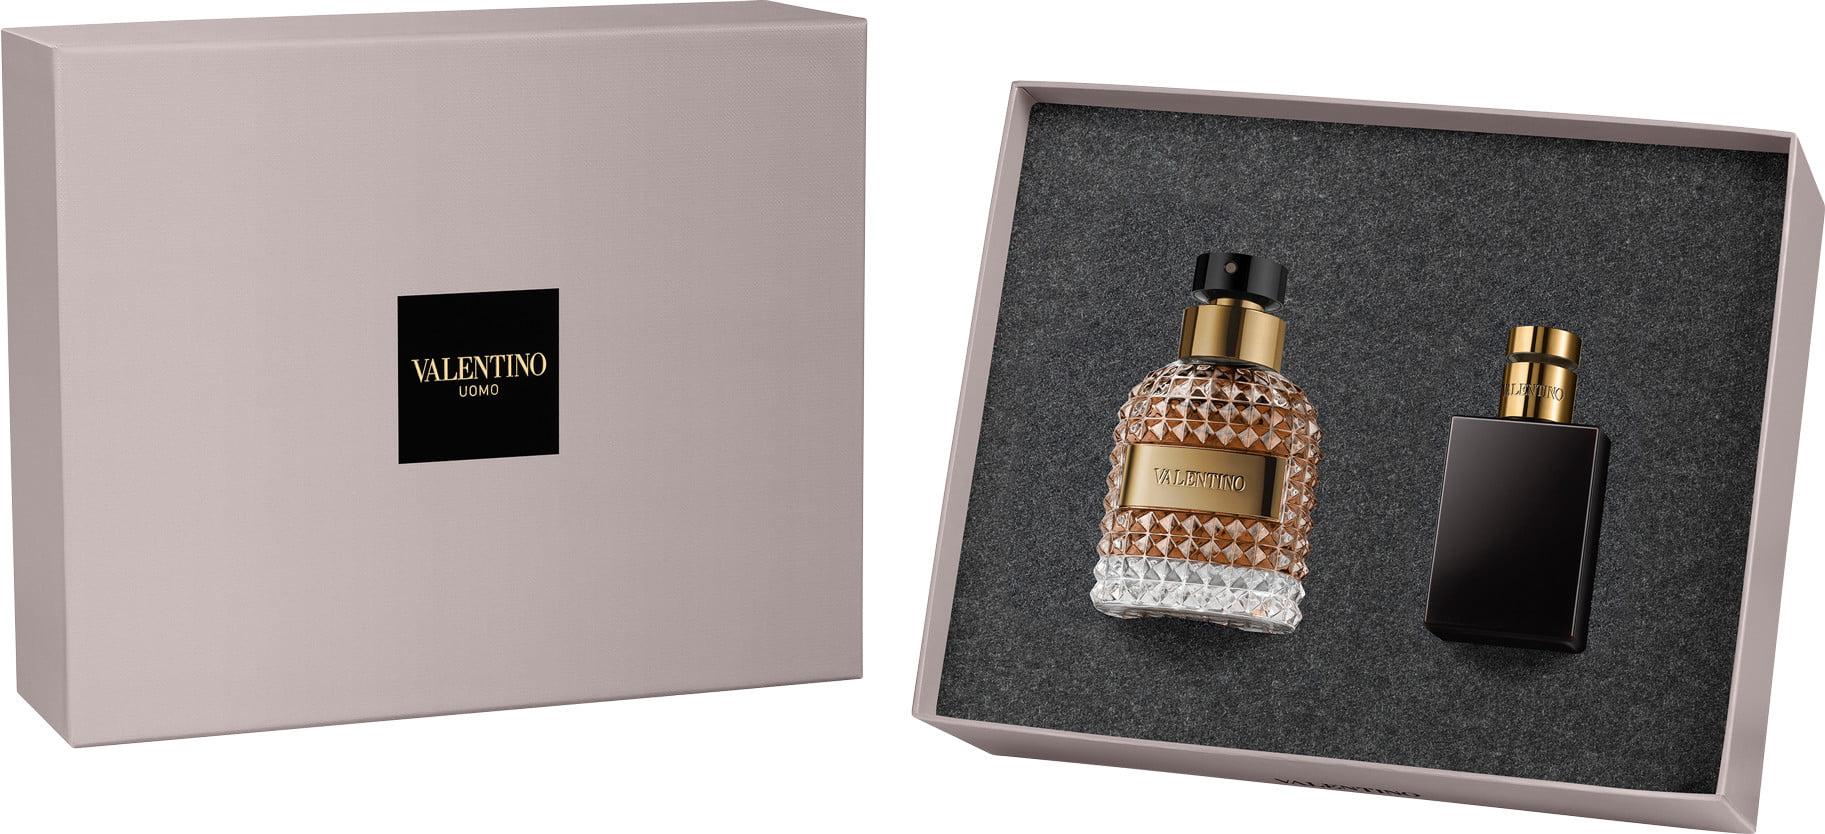 Valentino Valentino Uomo, Dárková sada, toaletní voda 50ml + sprchový gel 50ml, Pánska vôňa, + AKCE: dárek zdarma